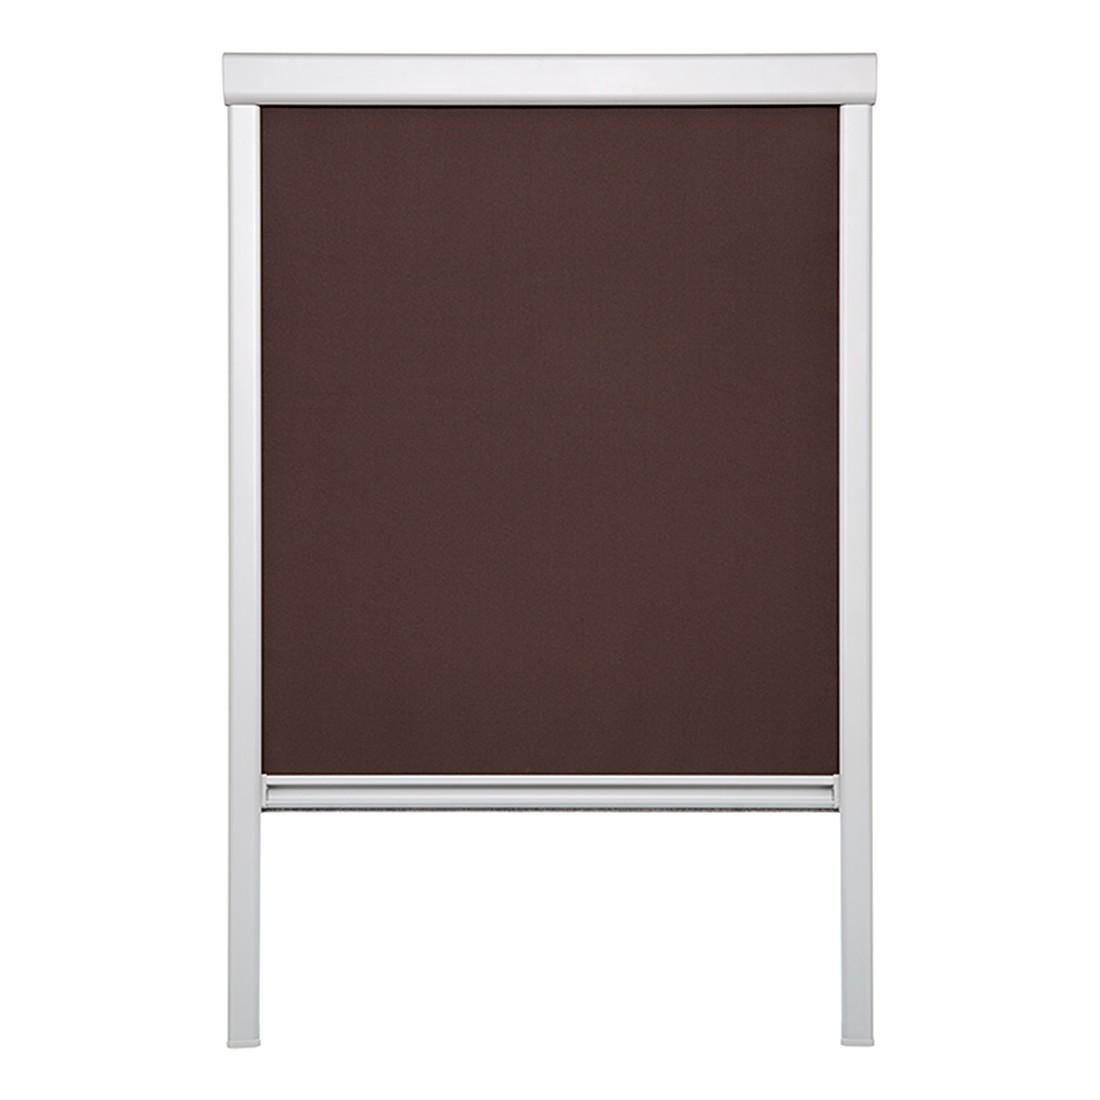 Dachfensterrollo, verdunkelnd – Polyester, Aluminium, Braun – (H x B): 54 x 38,3 cm, Wohn-Guide jetzt bestellen